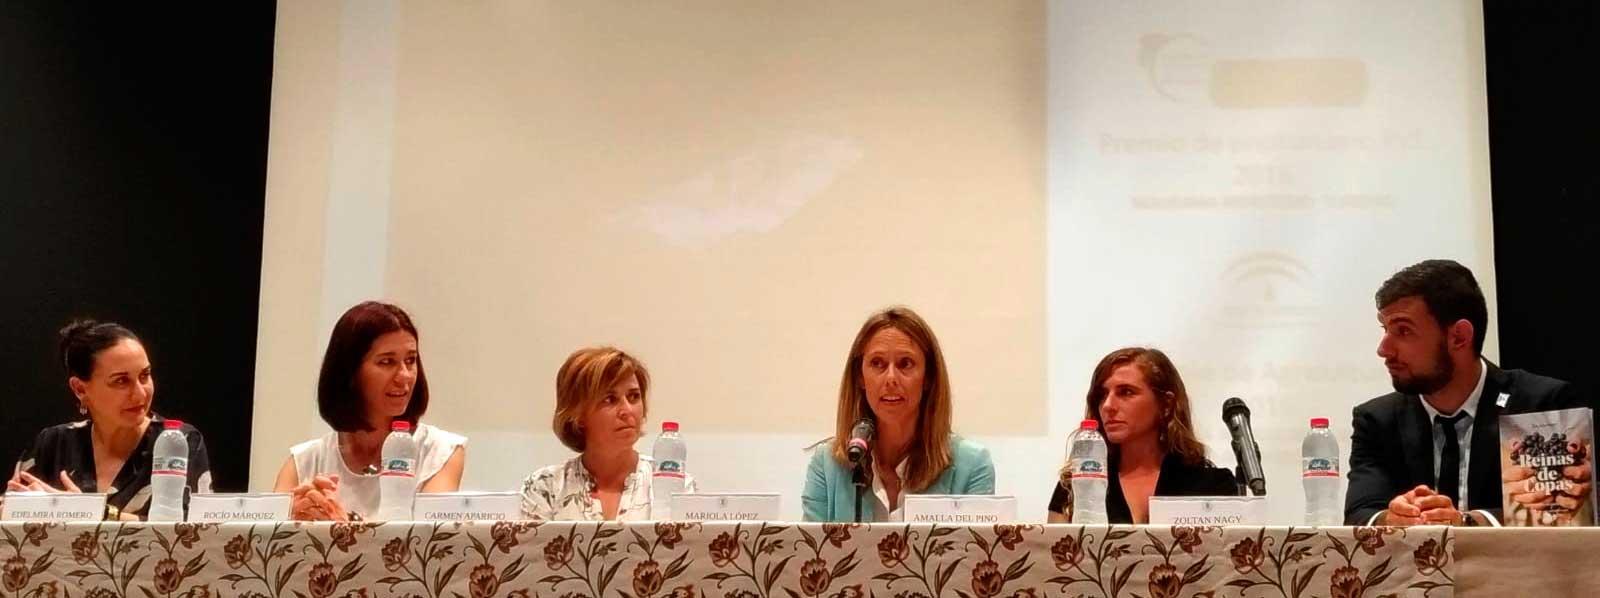 Bodegas Robles en la clausura del Ciclo Superior de Vitivinicultura de Manilva, Málaga